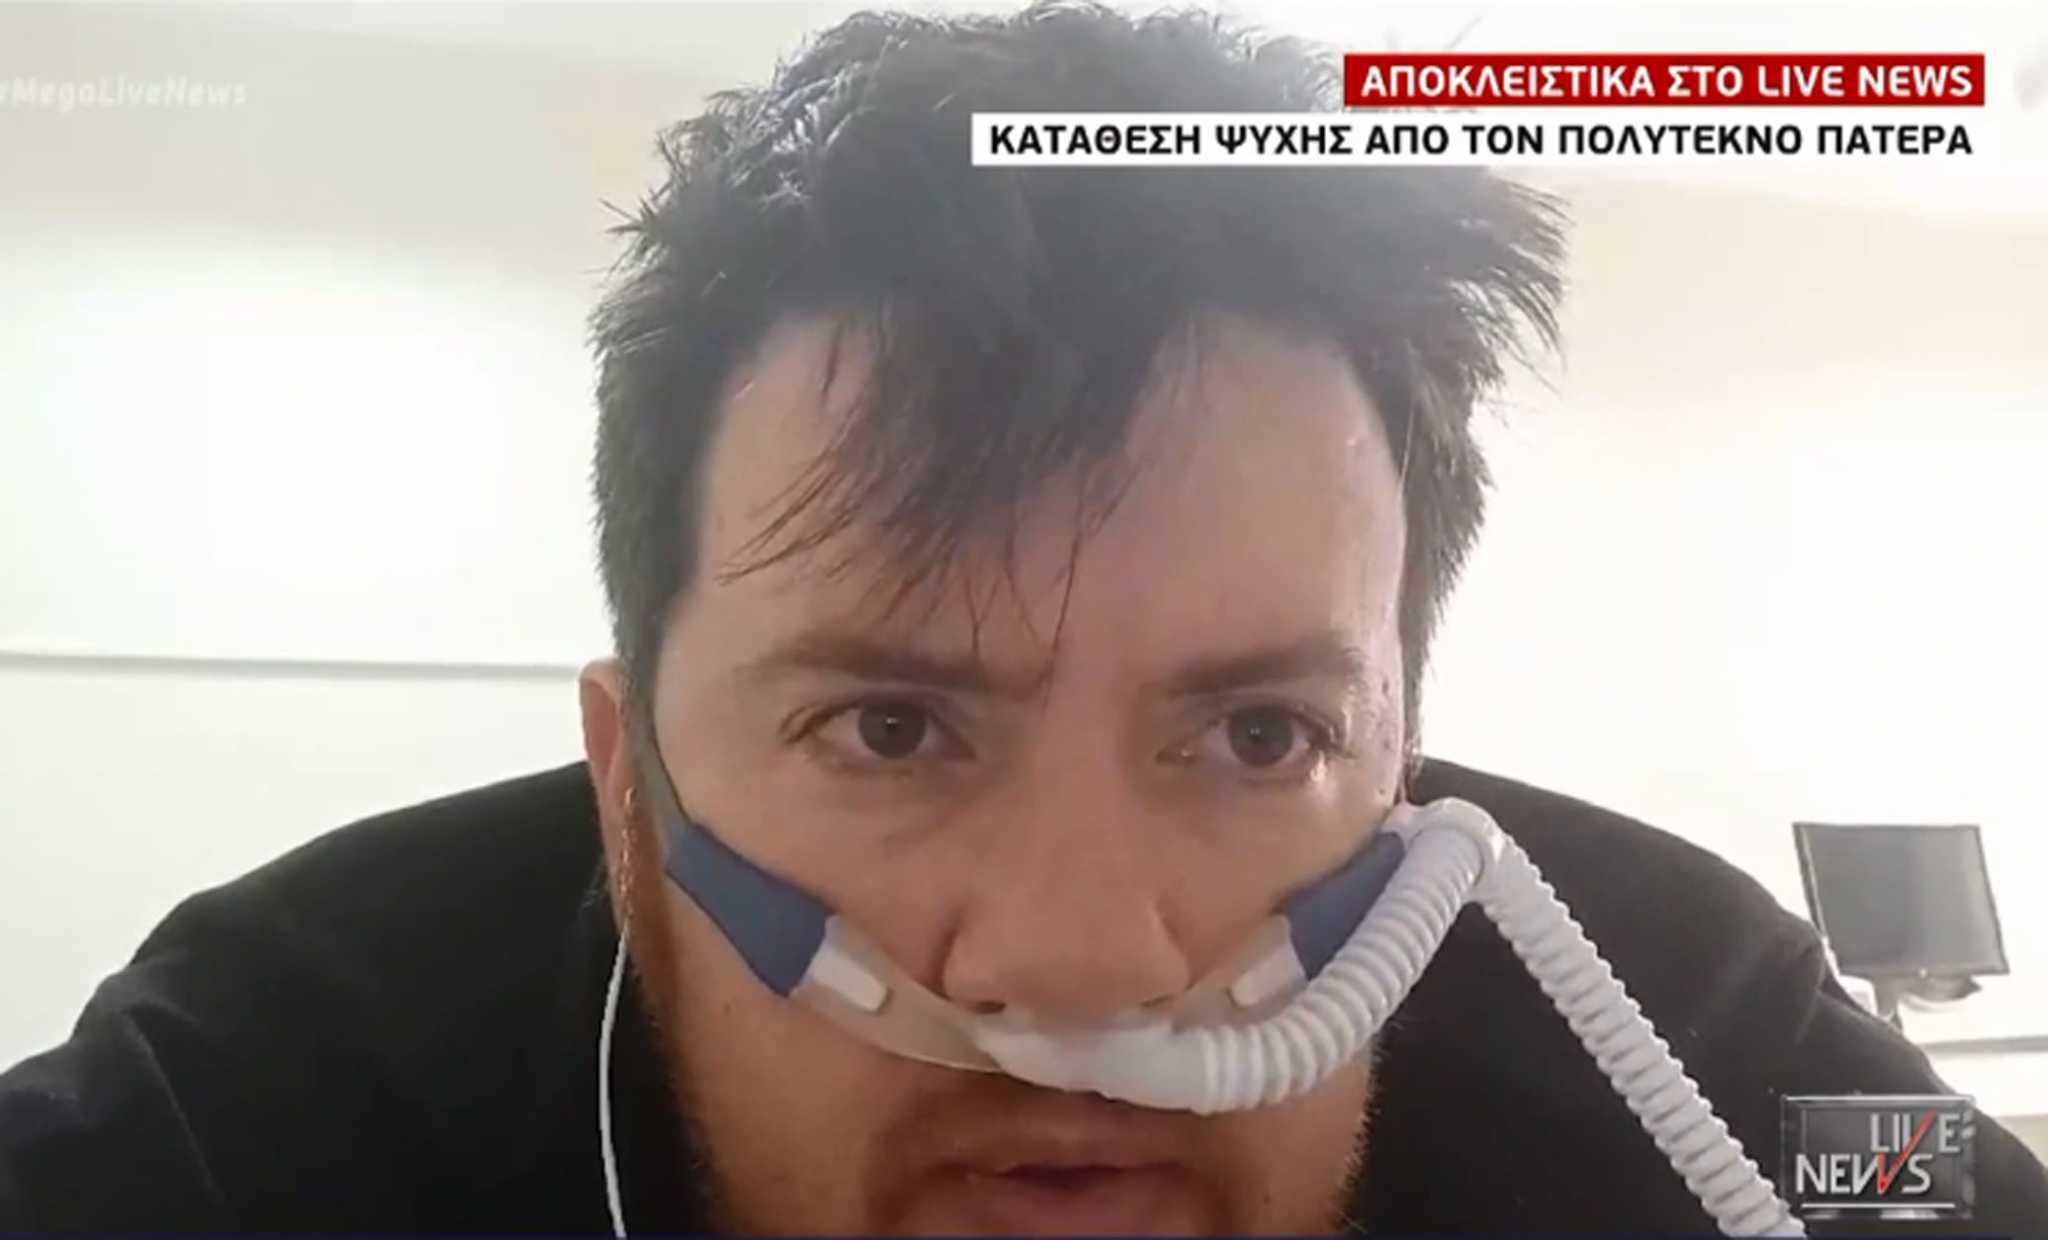 Συγκλονίζει πατέρας 7 παιδιών που δίνει μάχη με τον κορονοϊό στο νοσοκομείο (βίντεο) - Φωτογραφία 1